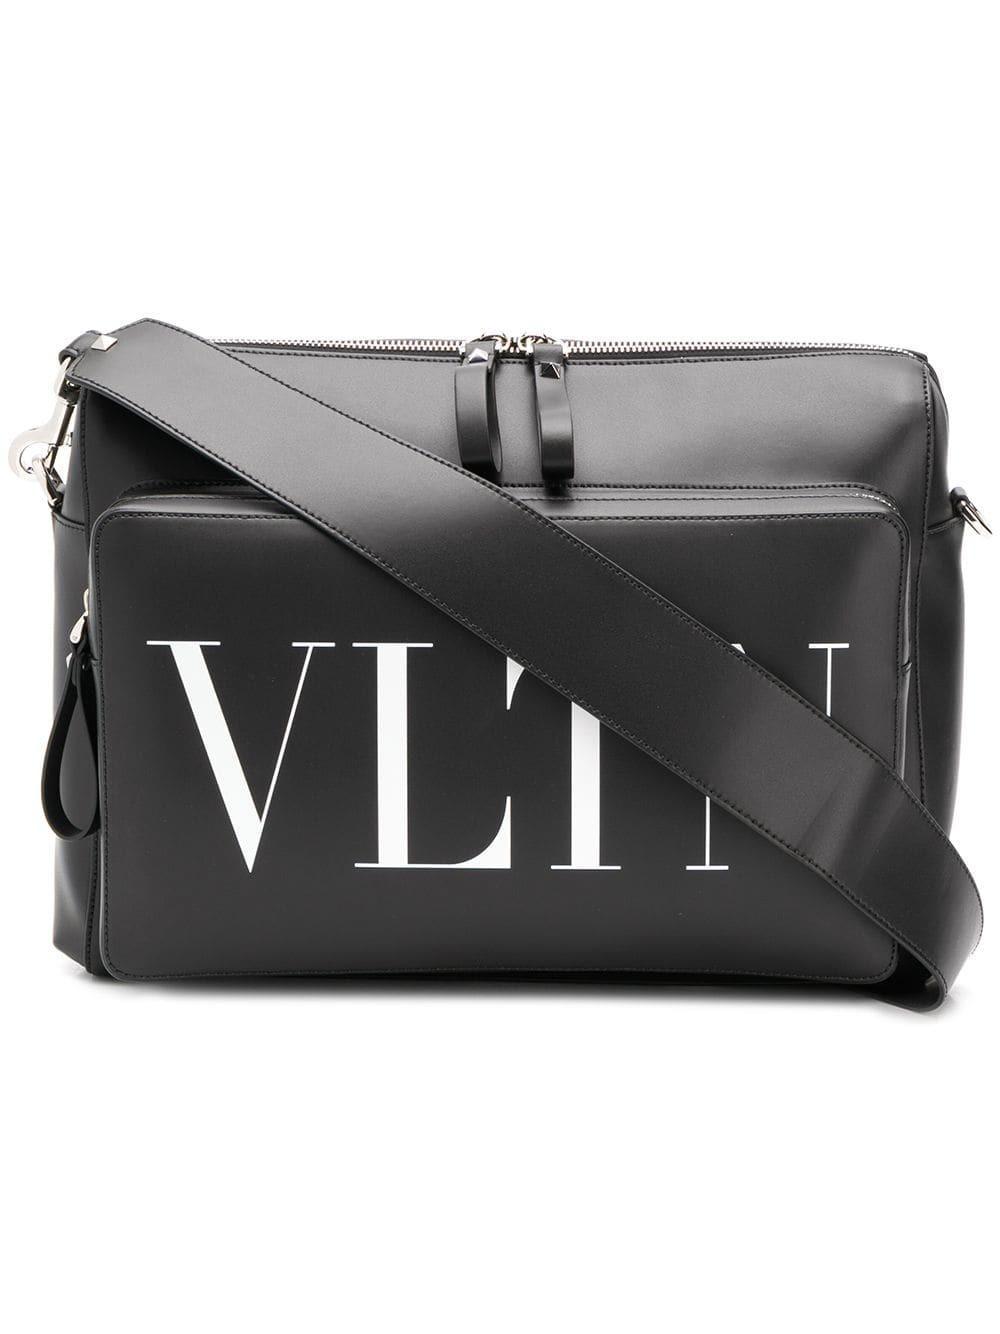 41dc9ca9f92 Valentino Vltn Shoulder Bag in Black for Men - Save 2% - Lyst